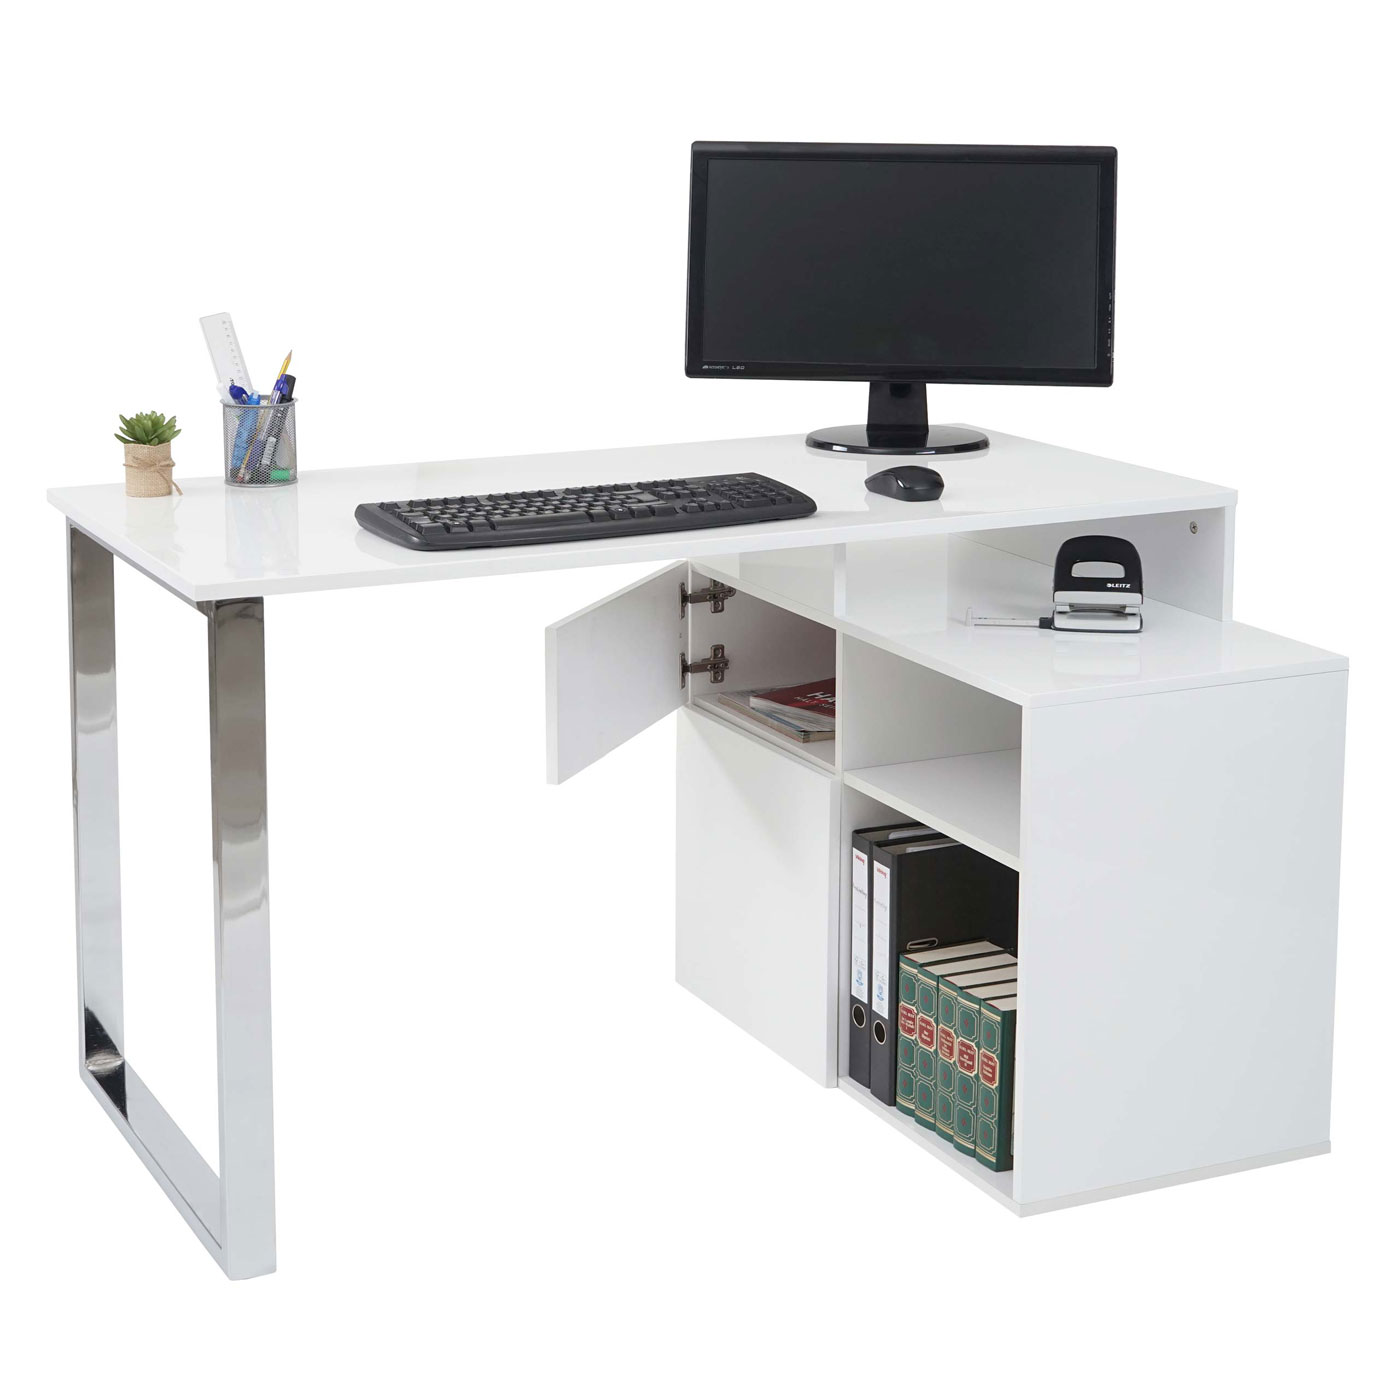 eckschreibtisch hwc a72 b rotisch schreibtisch. Black Bedroom Furniture Sets. Home Design Ideas